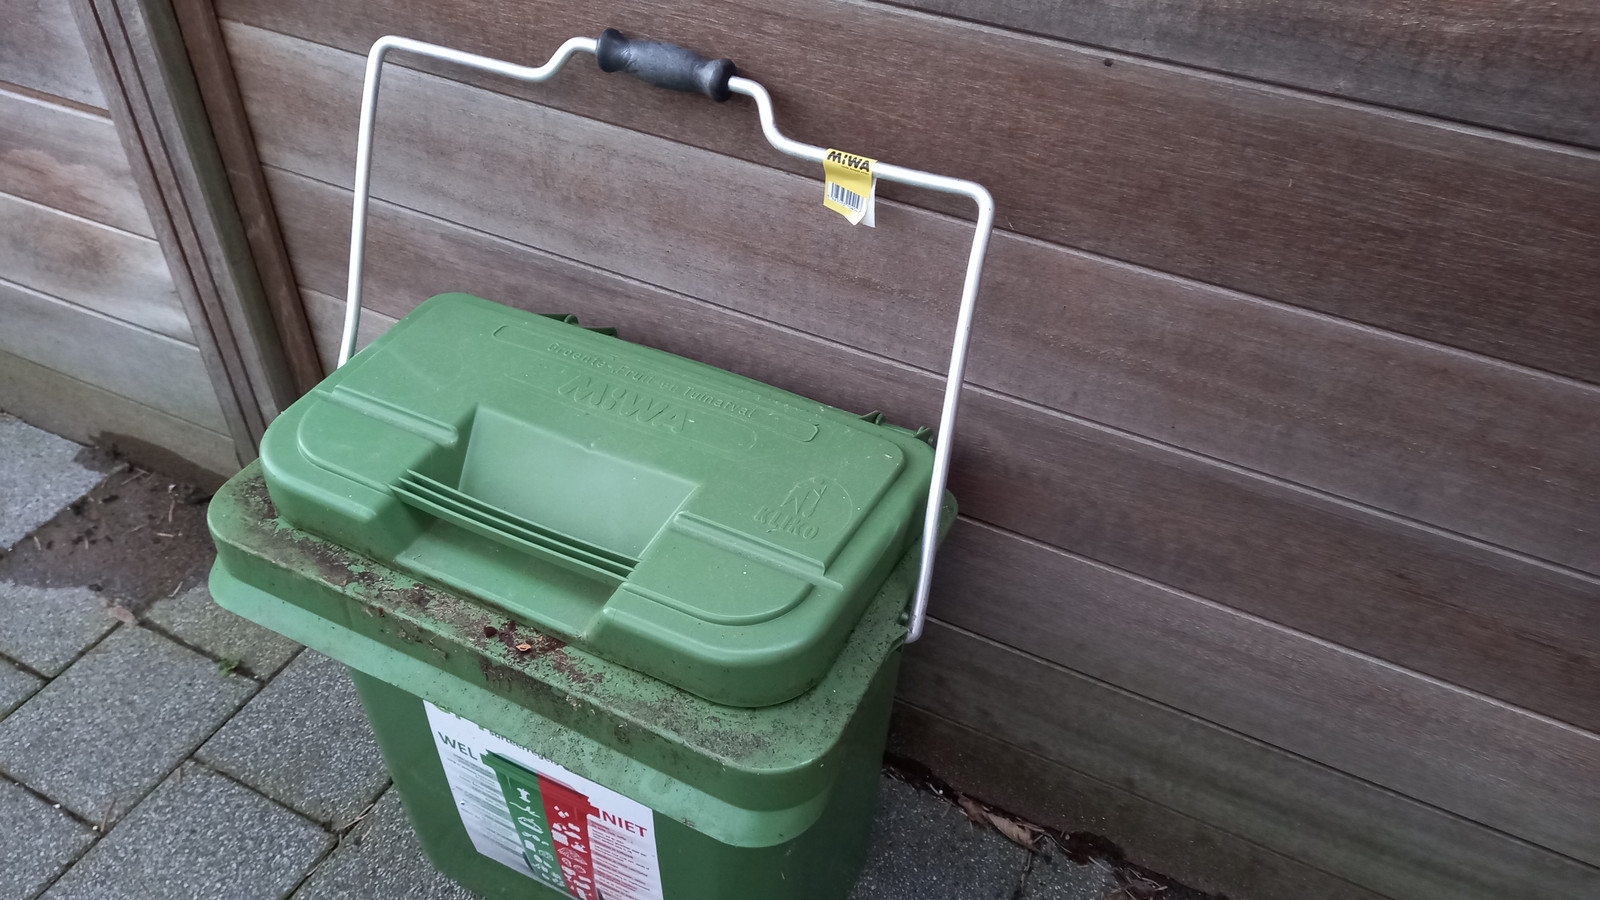 Er komen de laatste tijd veel klachten over labels die verdwijnen van GFT-containers die voor lediging worden aangeboden.